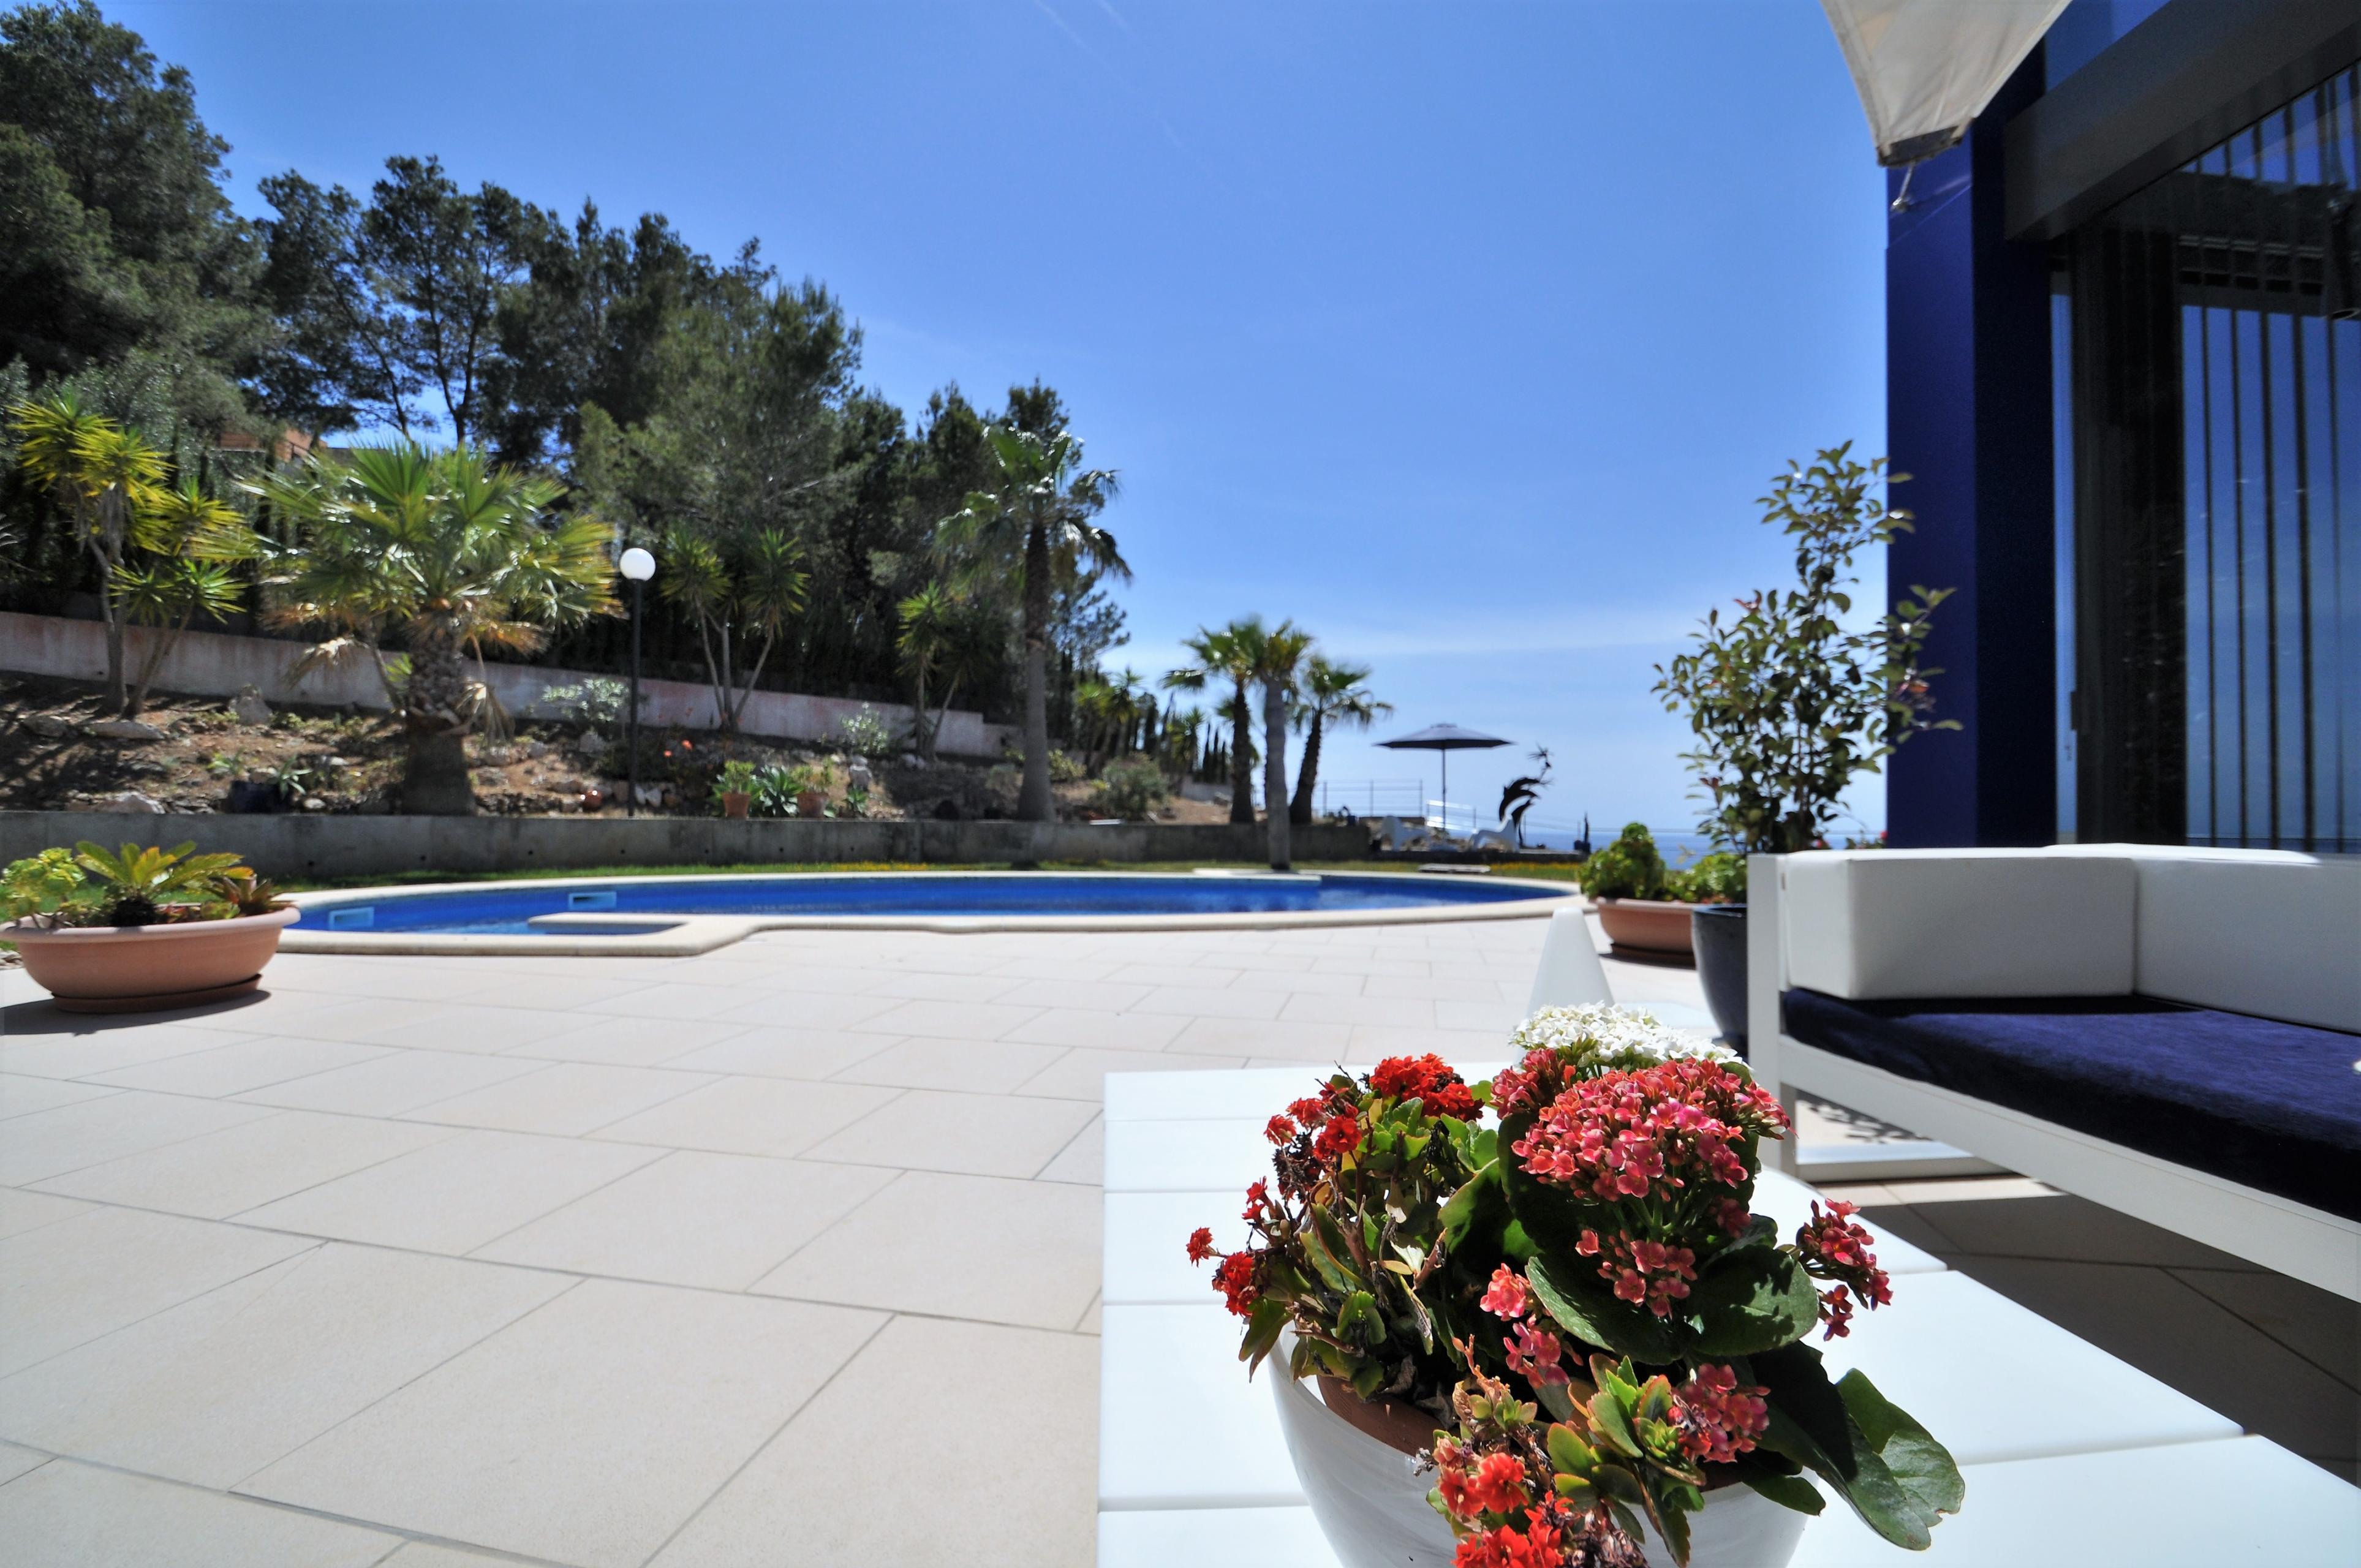 Maison de vacances VILLA BAY BLUE- Bahia Azul- Mallorca - VILLAONLINE - Kostenloses WLAN (2684052), Bahia Azul, Majorque, Iles Baléares, Espagne, image 11